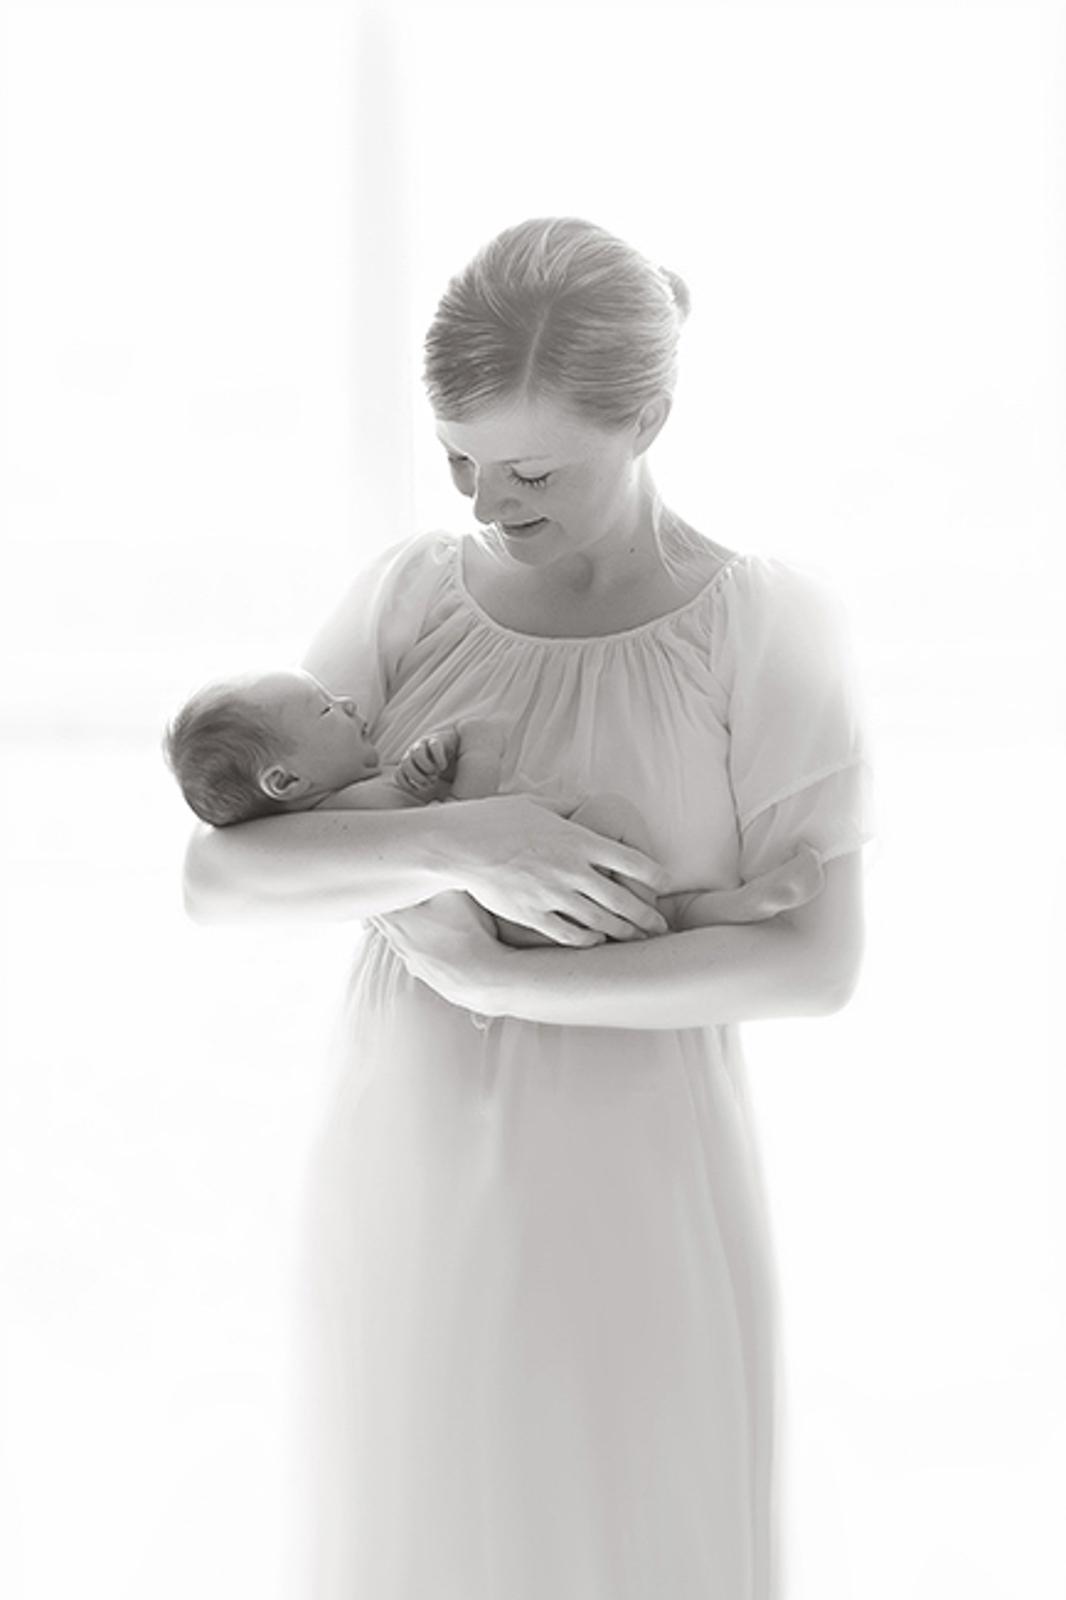 newborn-blackandwhite-studio-posed-107.JPG